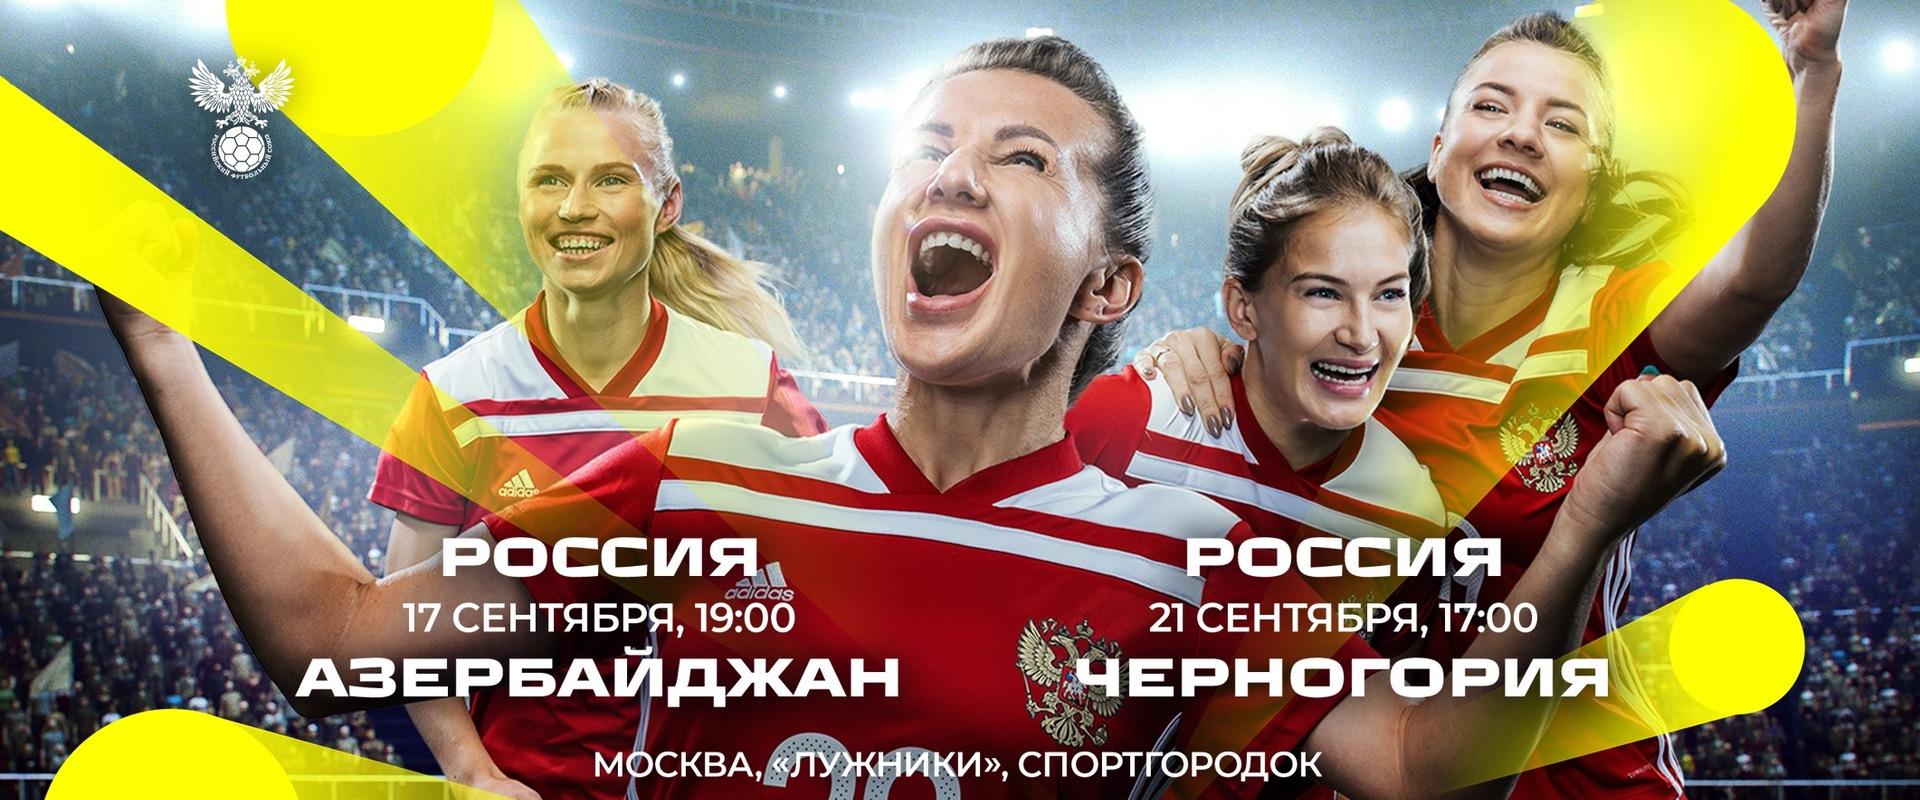 Открыта продажа билетов на домашние матчи женской сборной России